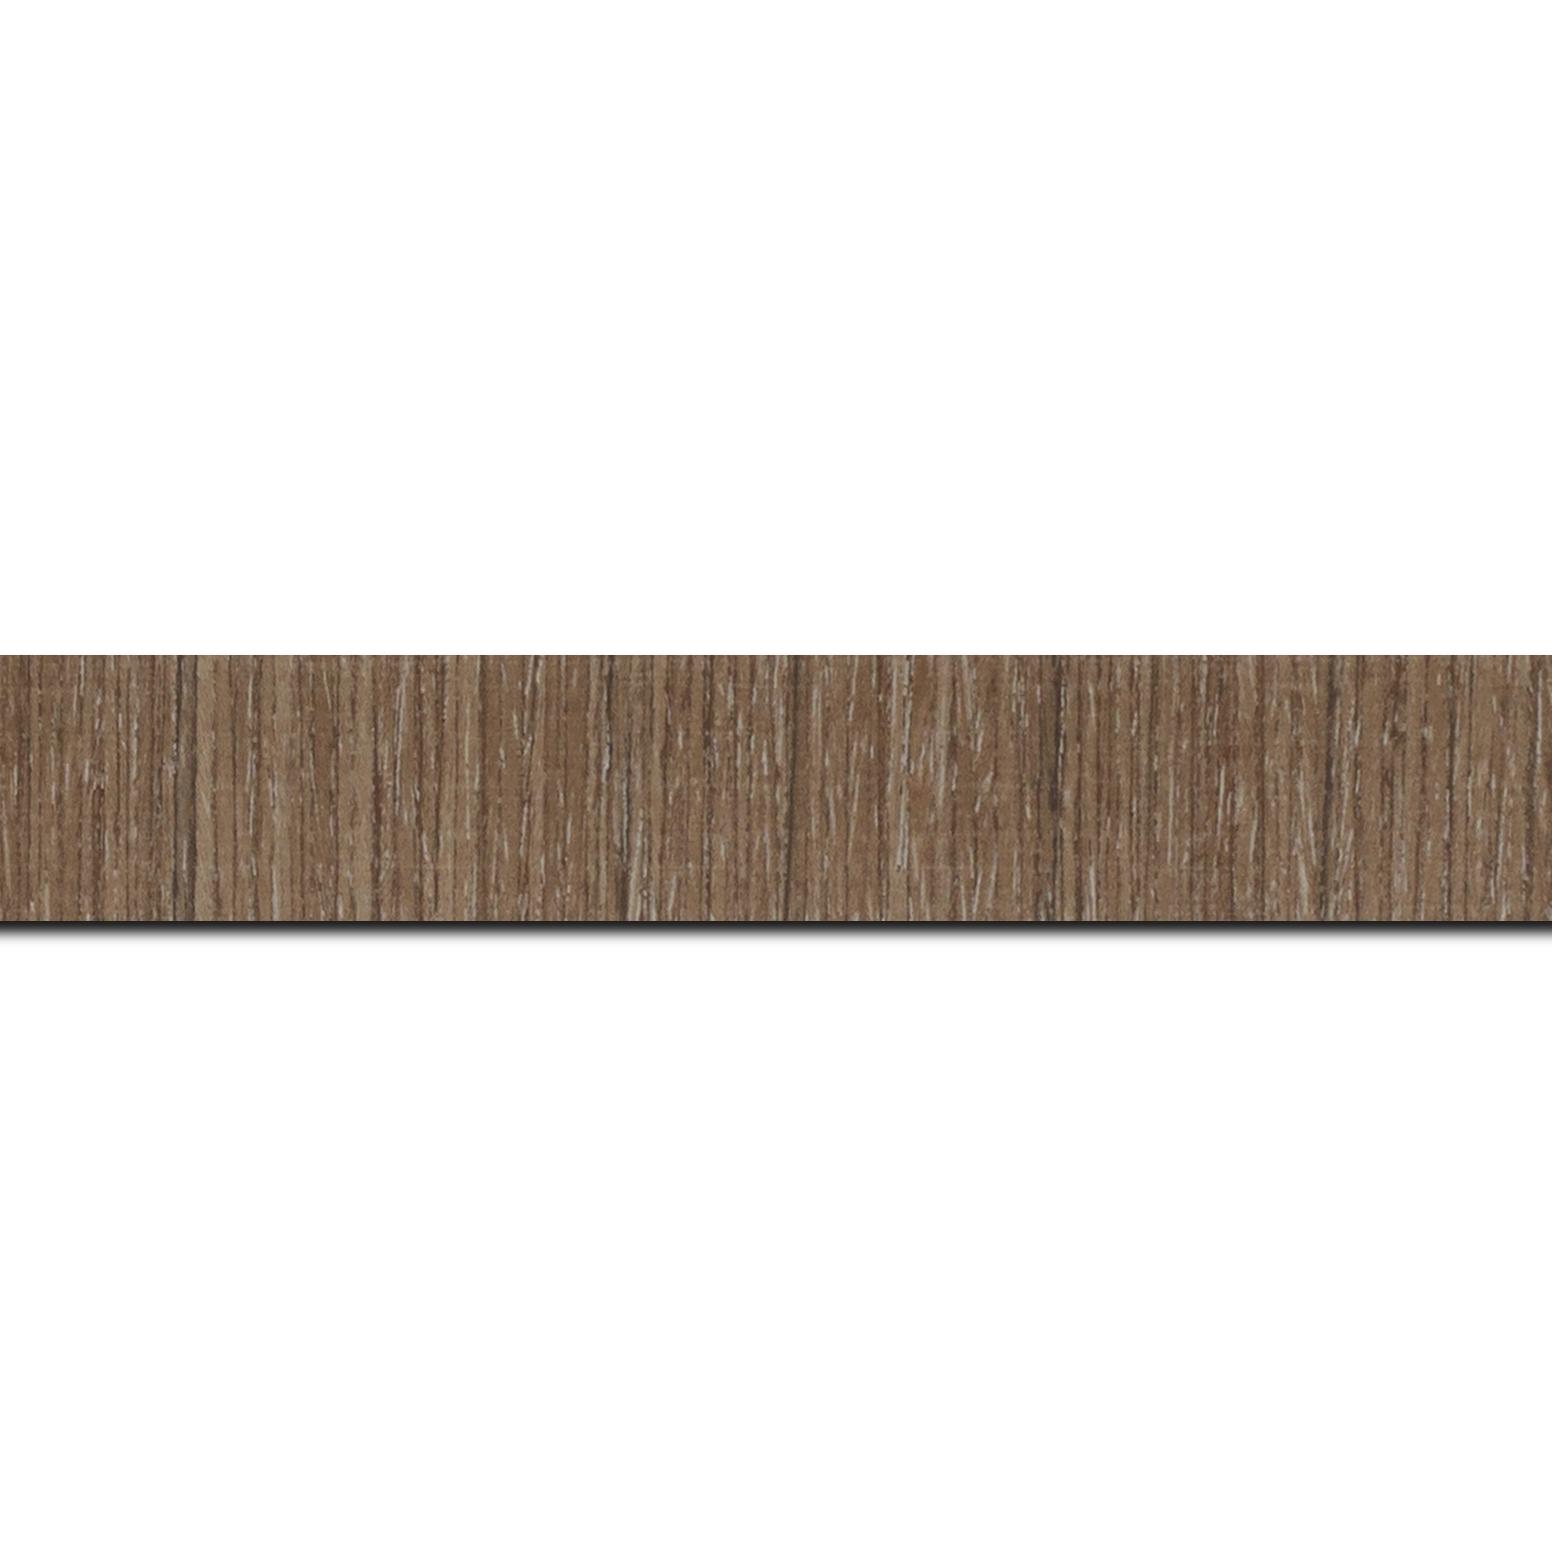 Pack par 12m, bois profil incurvé largeur 2.8cm plaquage haut de gamme teck blanchi(longueur baguette pouvant varier entre 2.40m et 3m selon arrivage des bois)